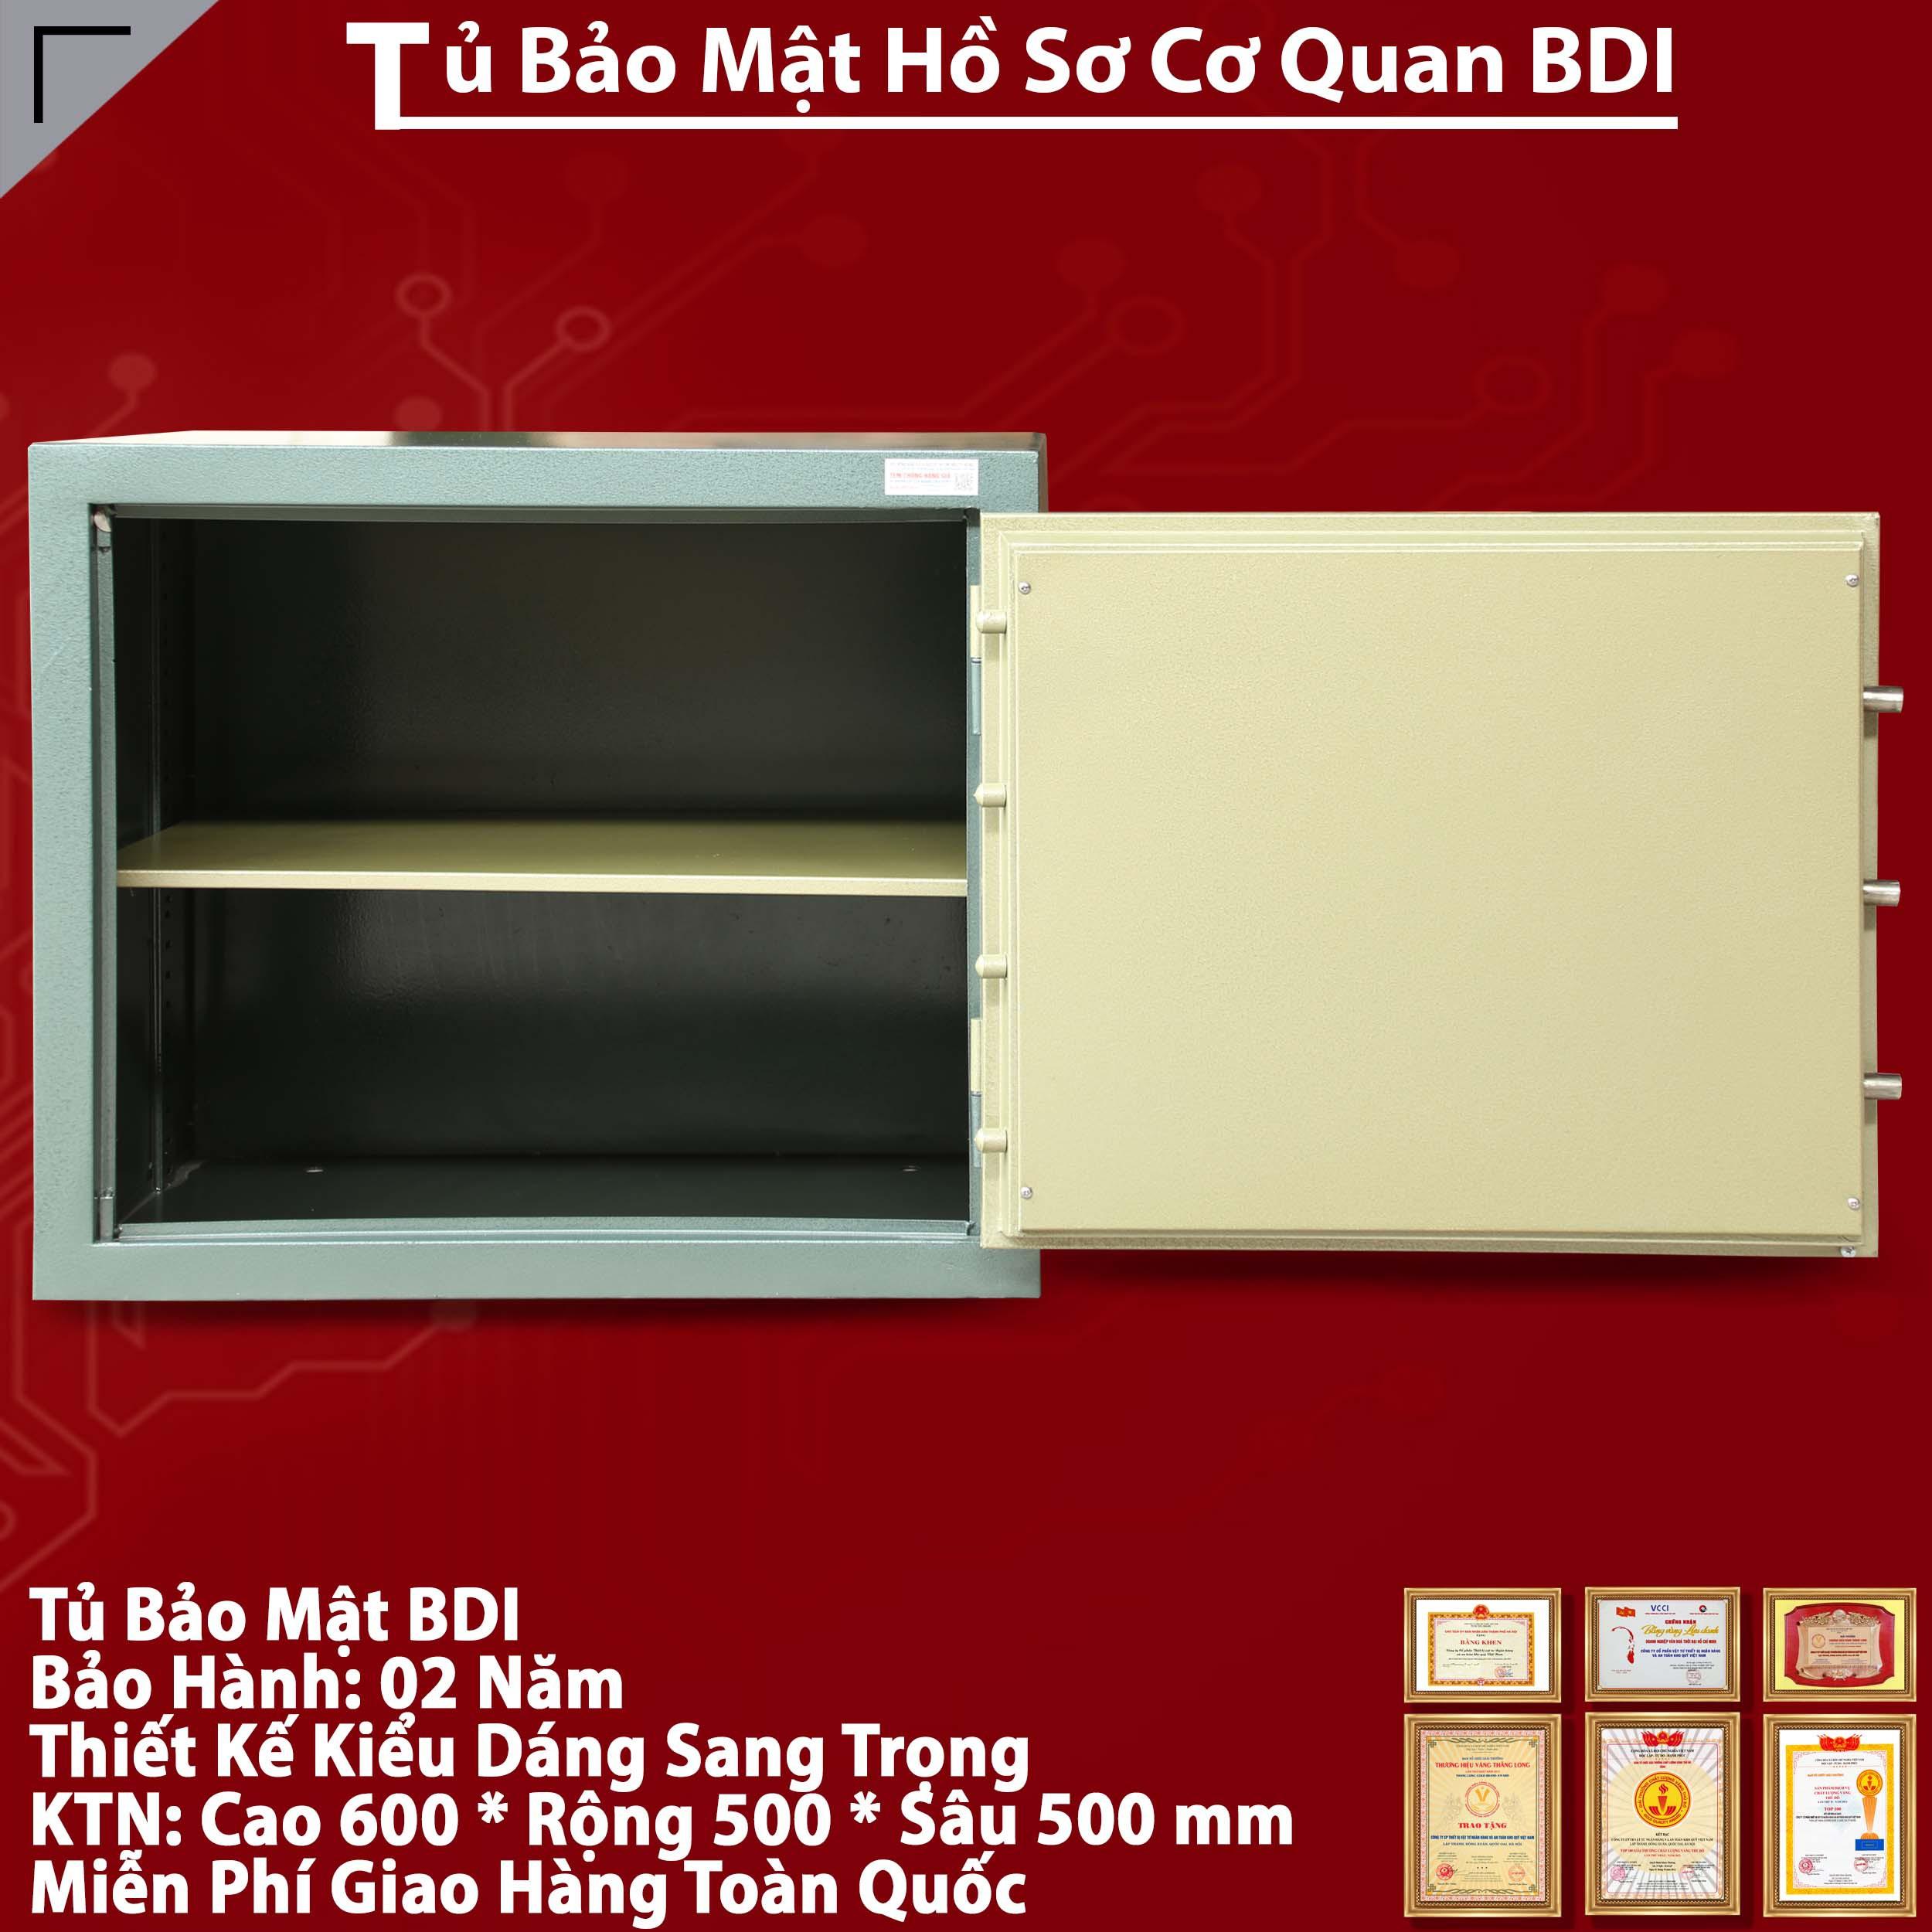 Tu Bao Mat - Noi Cat Giu Tai Lieu Ho So An Toan